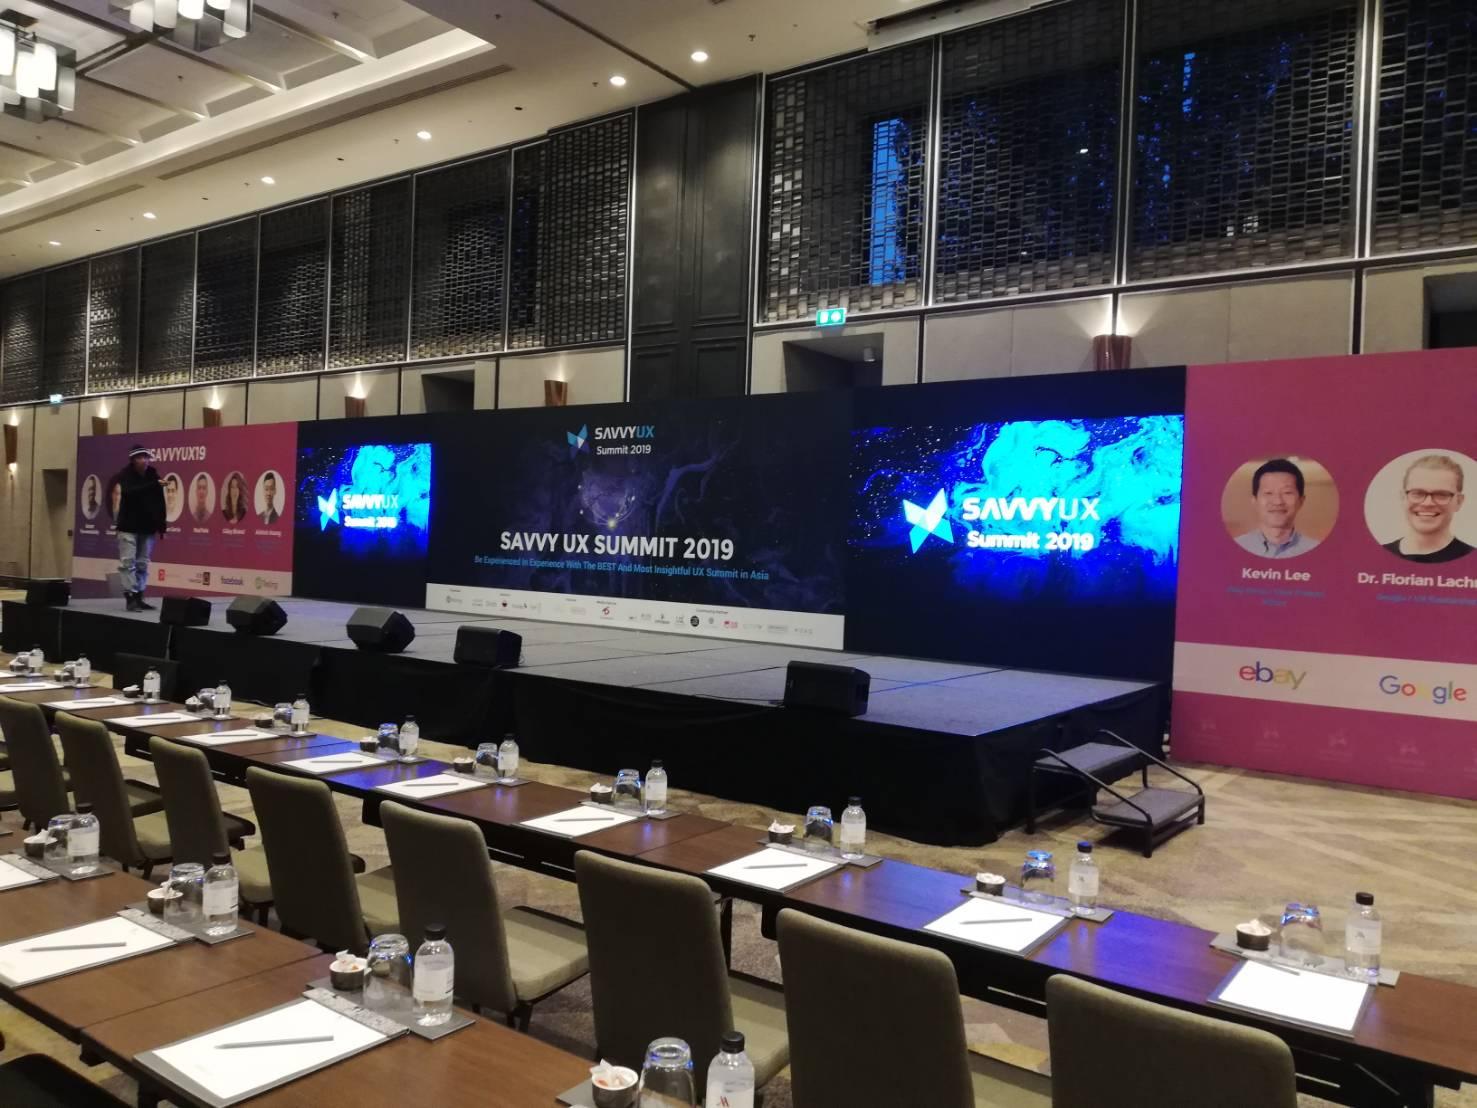 งานเช่าจอ LED – Savvy Ux Summit 2019